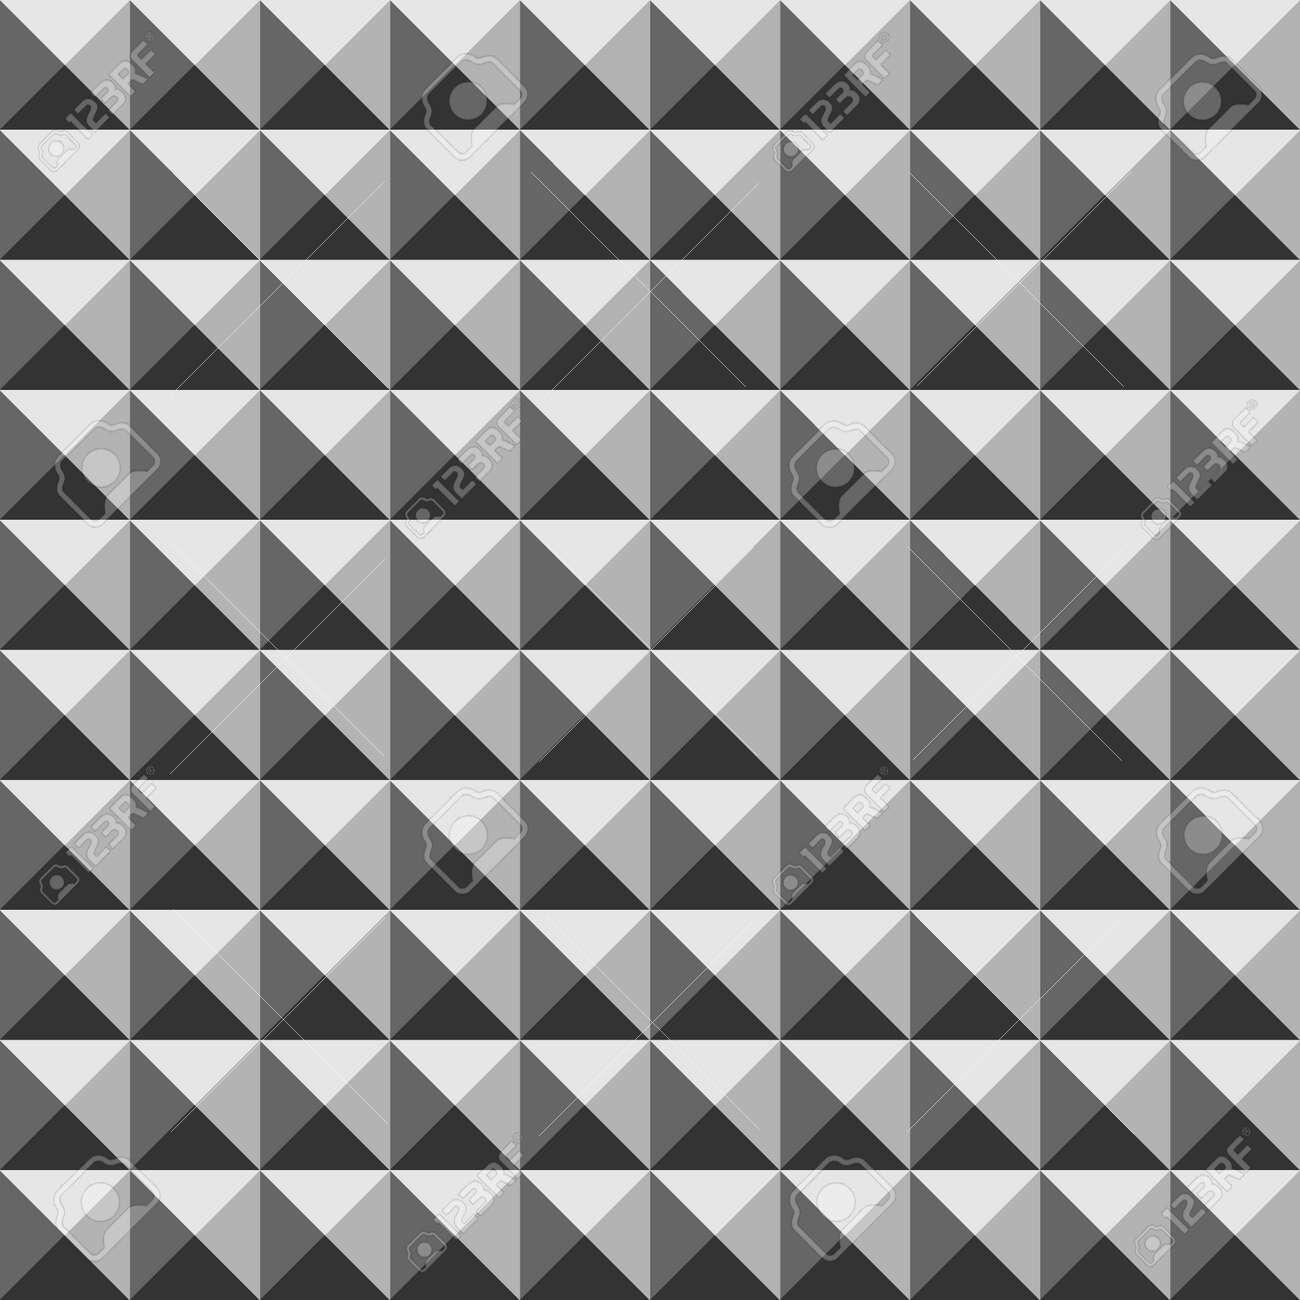 550eb0aa954 Pirámide Sin Fisuras Patrón Geométrico 3D. La Moda De Diseño Gráfico De  Fondo. Textura Con Estilo Moderno. Plantilla Blanco Y Negro.